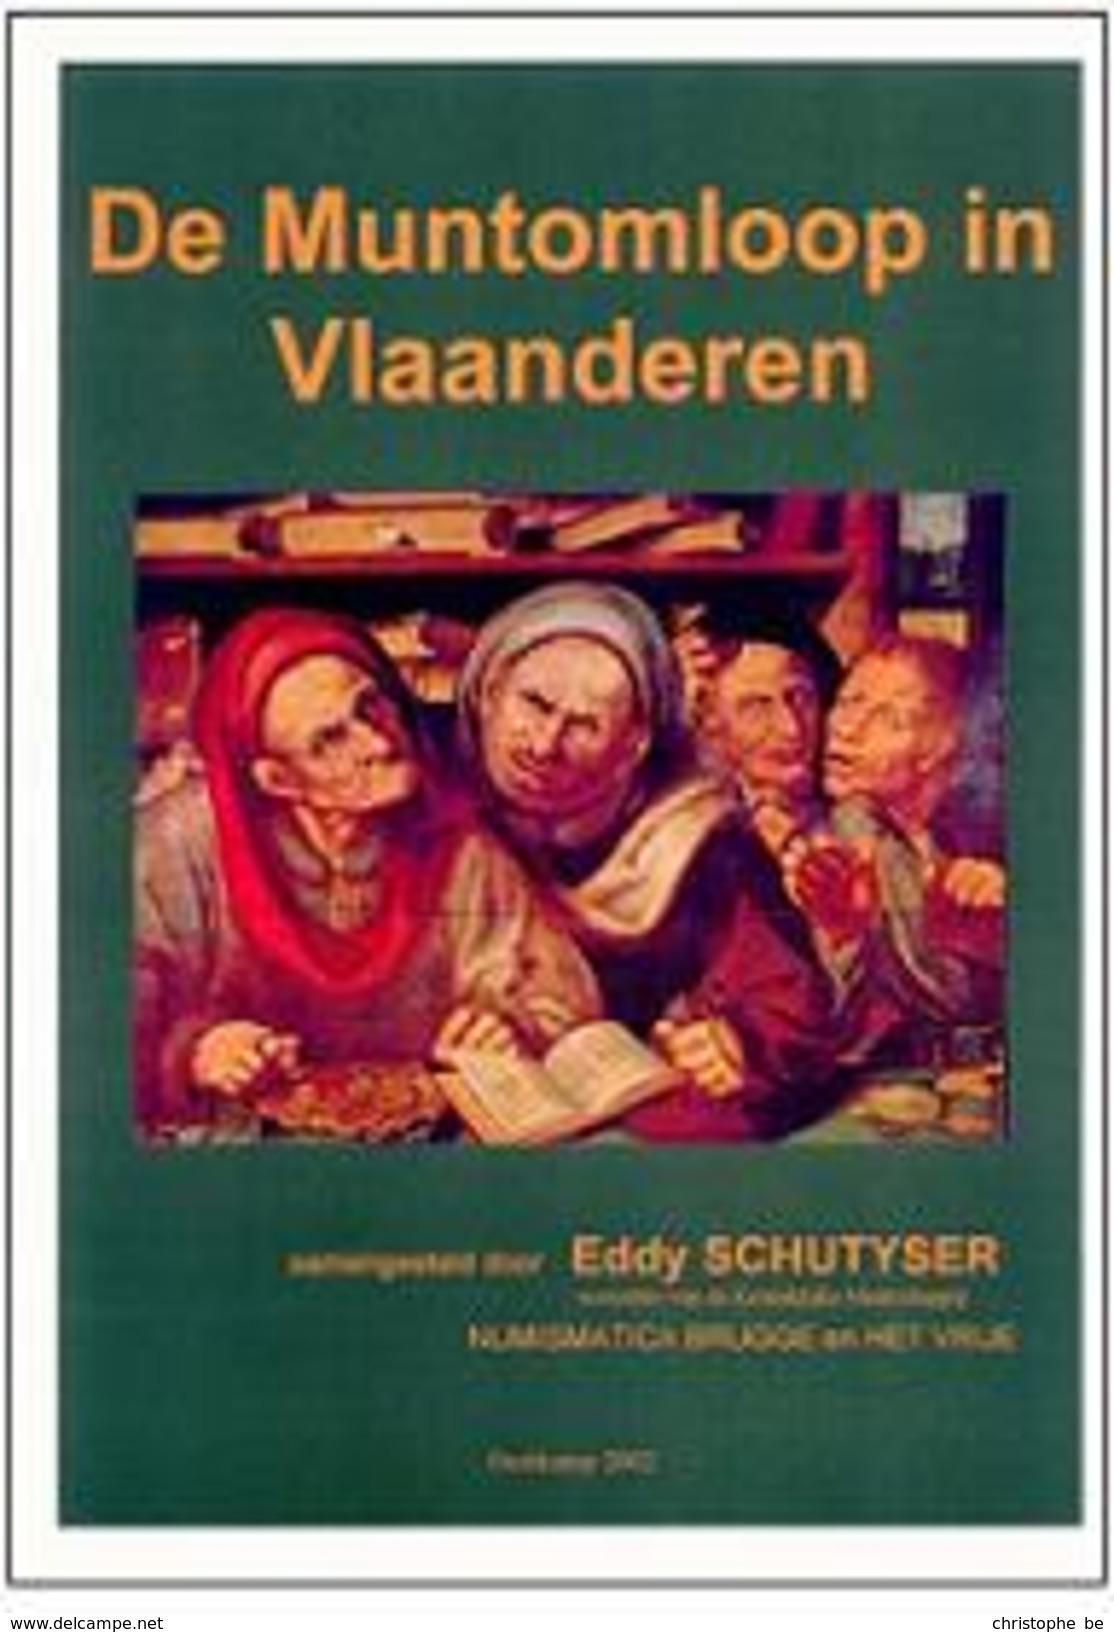 De Muntomloop In Vlaanderen, Eddy Schutyser - Praktisch